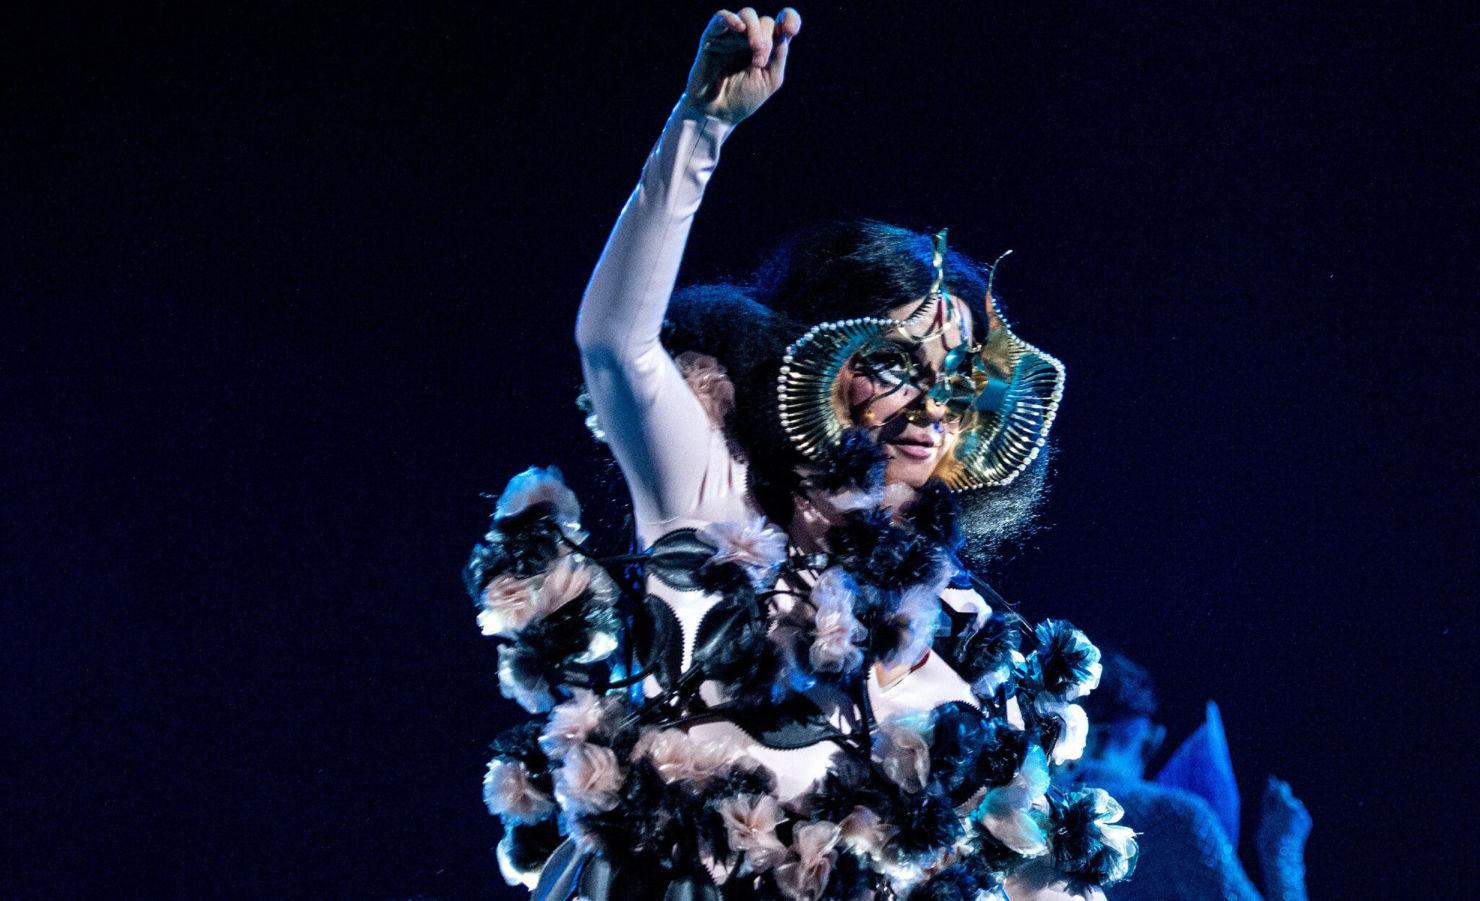 Así podrás vivir la experiencia Björk Orkestral en vivo desde tu hogar